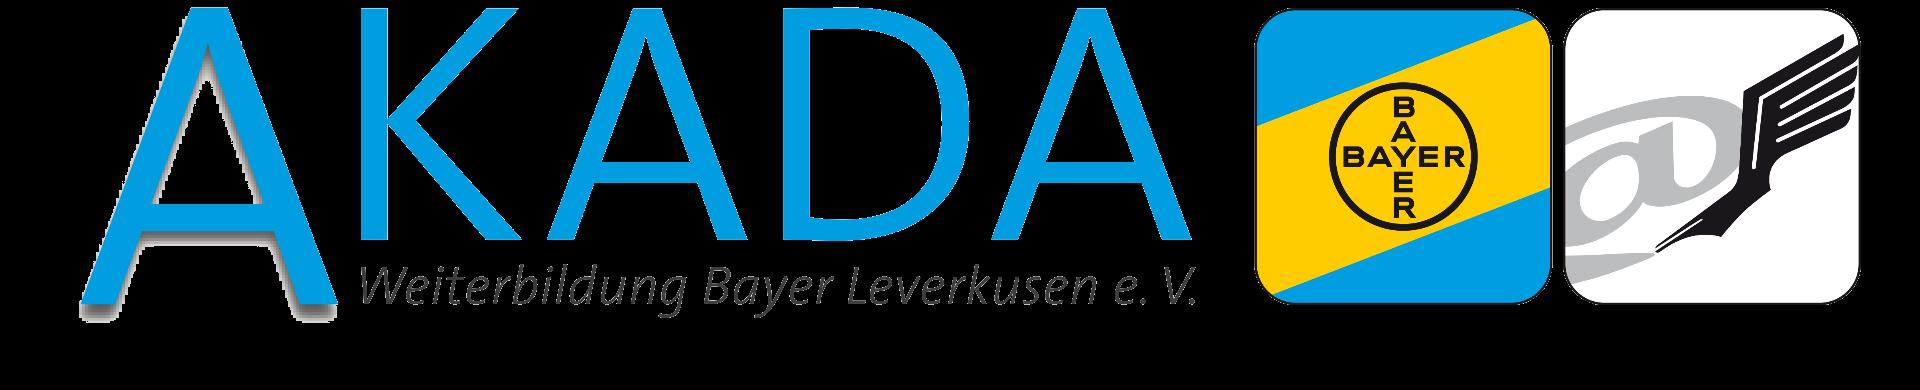 logo-akada